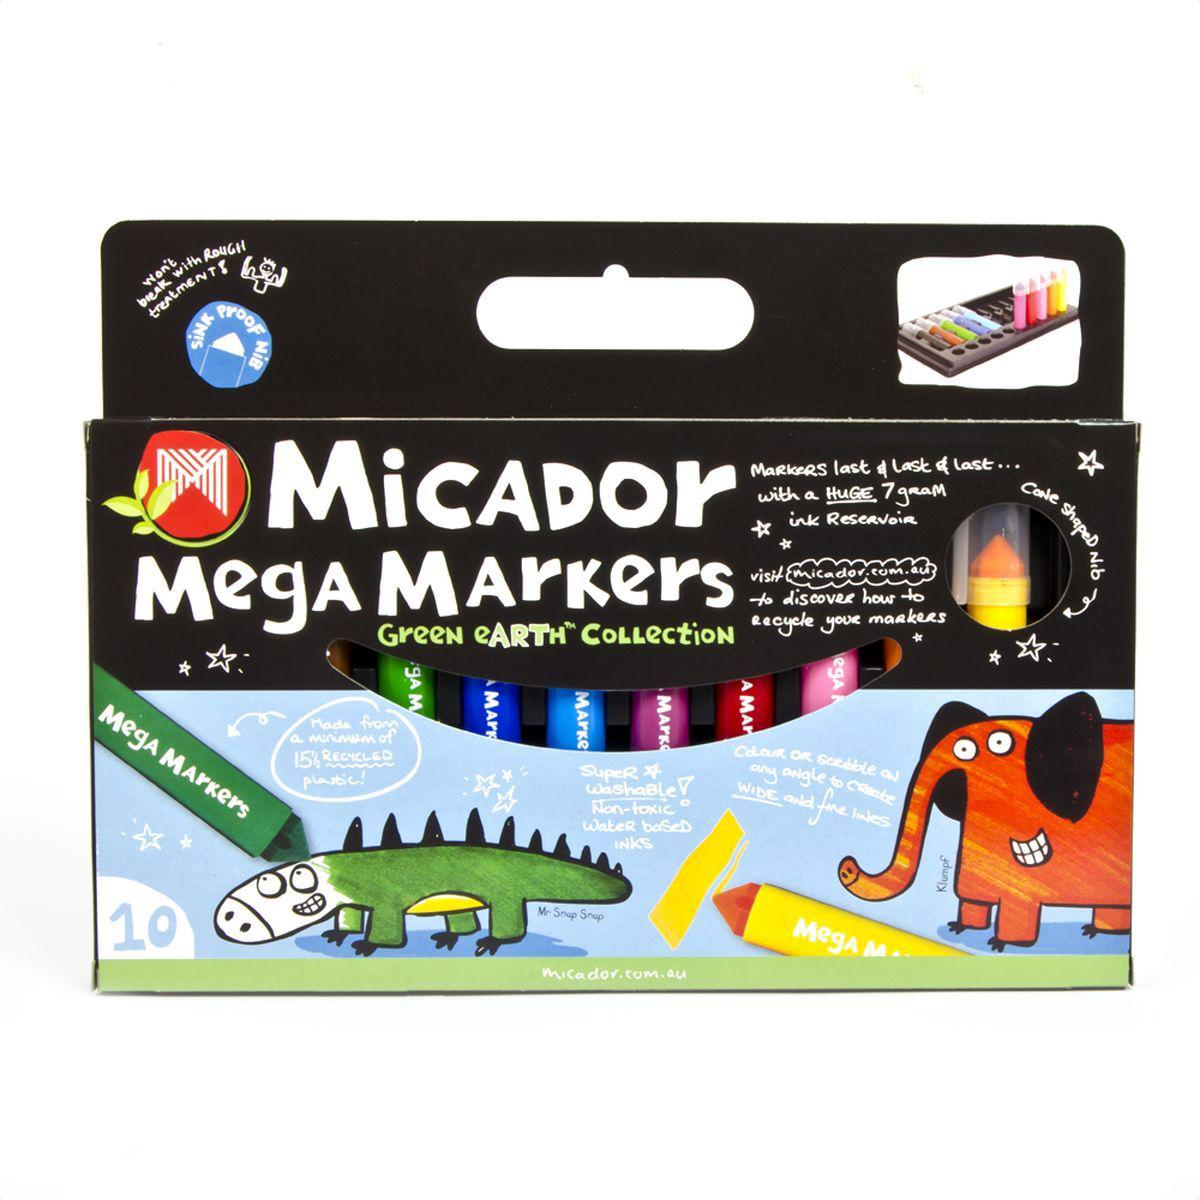 Micador Безопасные фломастеры увеличенного объема 10 цветовMMAMG10Фломастеры Micador на водной основе, экологичные, не содержат спирт, растворителей, токсичных веществ, полностью безопасны для маленьких детей. Увеличенный резервуар для чернил делает фломастеры долговечными, каждый фломастер содержит 8 мл чернил, что в 4 раза больше обычных фломастеров. Стержень конической формы позволяет делать и широкие, и тонкие линии. Вентилируемый колпачок предотвращает высыхание чернил. Сухие фломастеры легко можно восстановить, всего лишь опустив наконечник в воду. Широкий корпус делает фломастеры удобными для маленьких детских ладошек. Изготовлены по запатентованной технологии Easy Wash: легко отстирываются от любой поверхности даже в холодной воде. Экологичная, 100% перерабатываемая упаковка. Изготовлены с использованием солнечной энергии и с заботой об окружающей среде. Австралийский бренд Micador - эксперт в товарах для детского творчества с 1954 года.